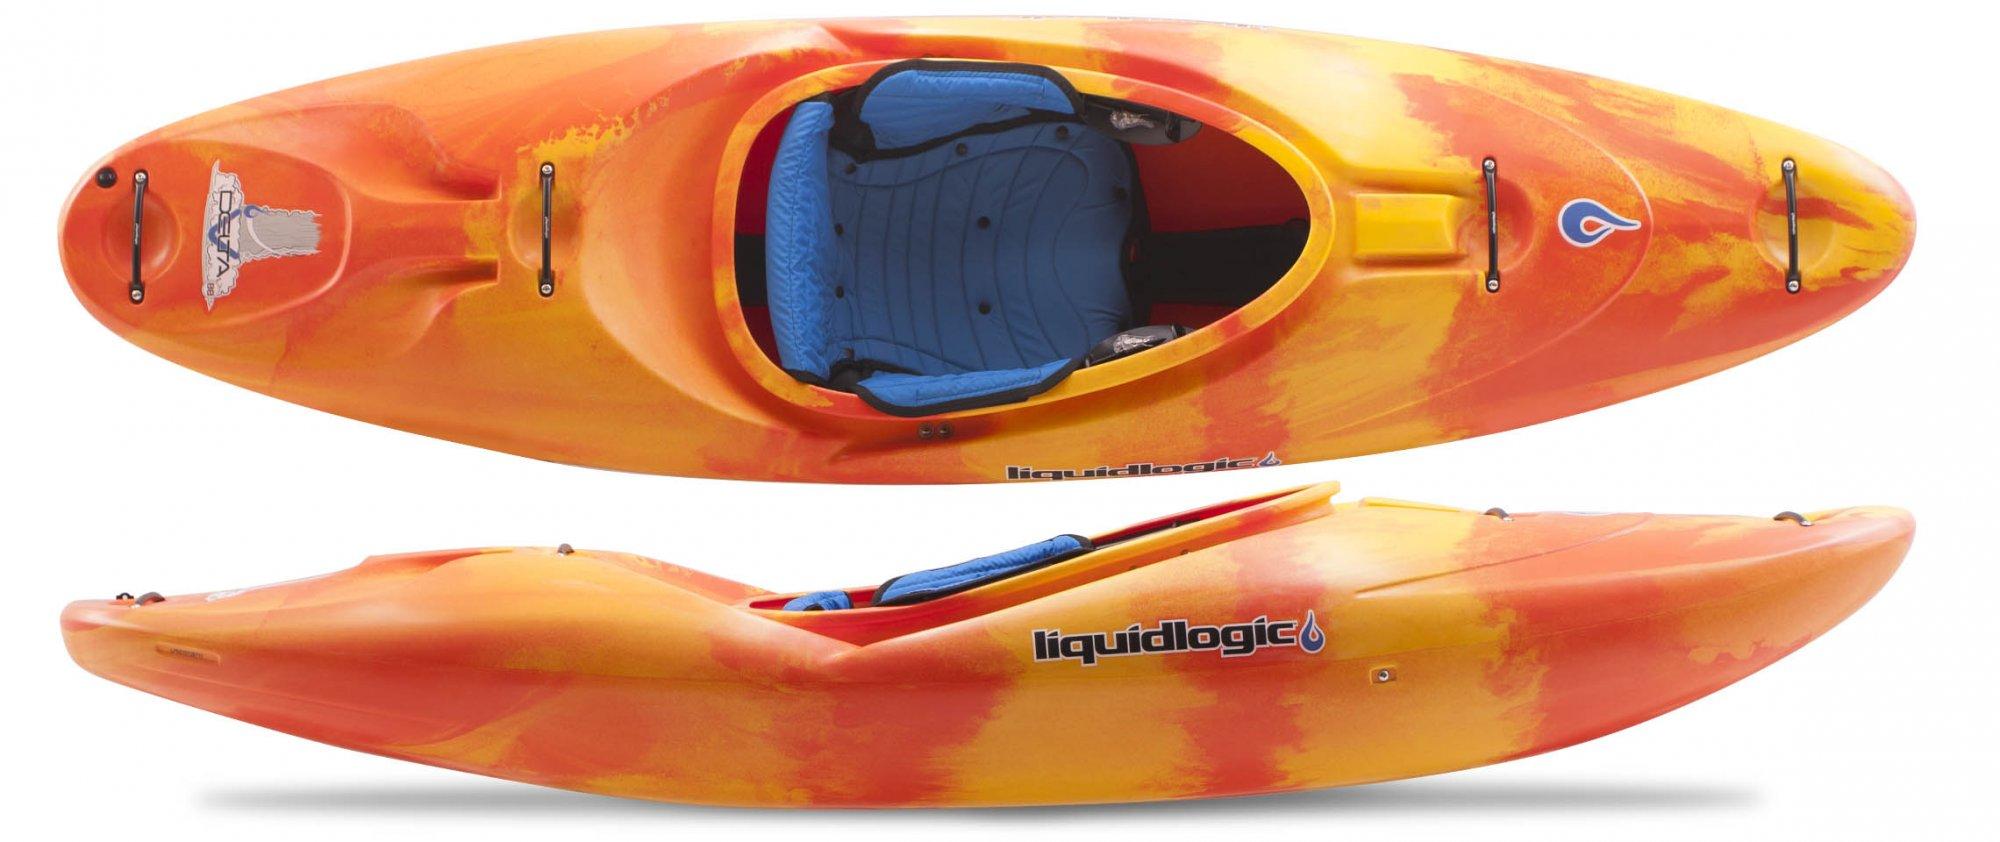 Liquidlogic Delta V 88